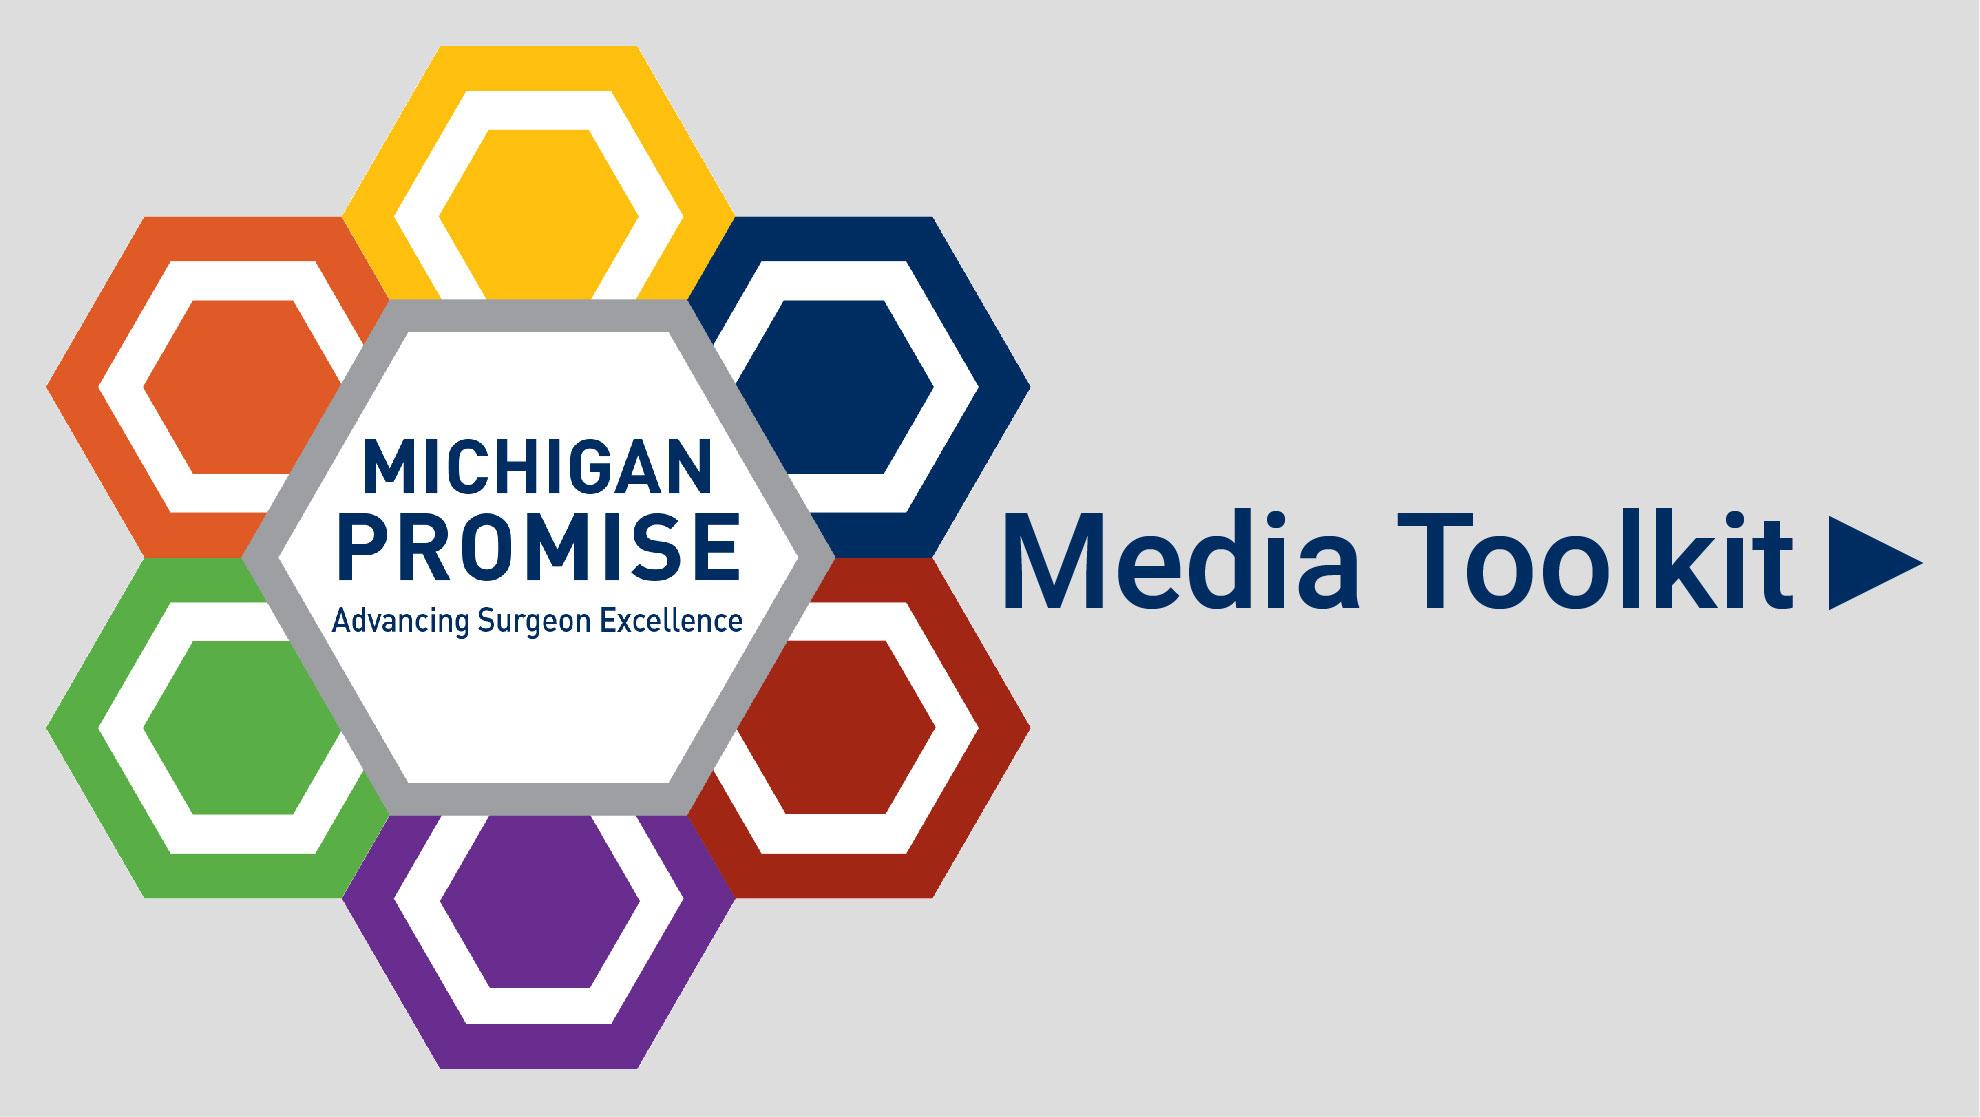 Michigan Promise Media Toolkit